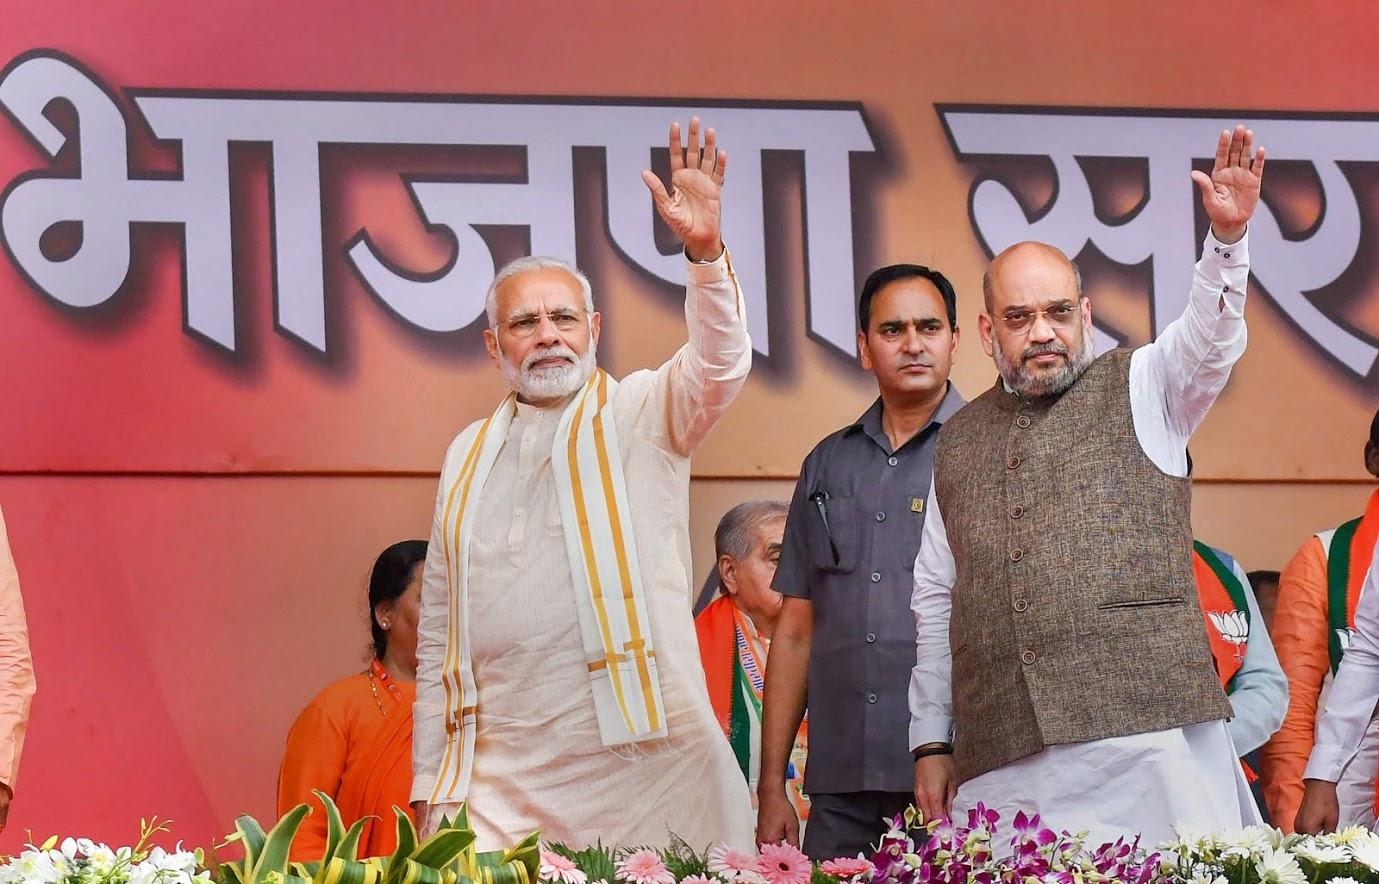 सट्टाबाजाराच्या अंदाजानुसार गुजरातमध्ये भाजपला 23, उत्तर प्रदेशमध्ये 42, महाराष्ट्रात 33, मध्य प्रदेशमध्ये 22 आणि राजस्थानमध्ये 21 जागा जिंकण्याचा अंदाज आहे. सध्याची आकडेवारी पाहता सट्टा बाजार आणि एक्झिट पोलमध्ये काही प्रमणात का असेना तफावत दिसून येत आहे.